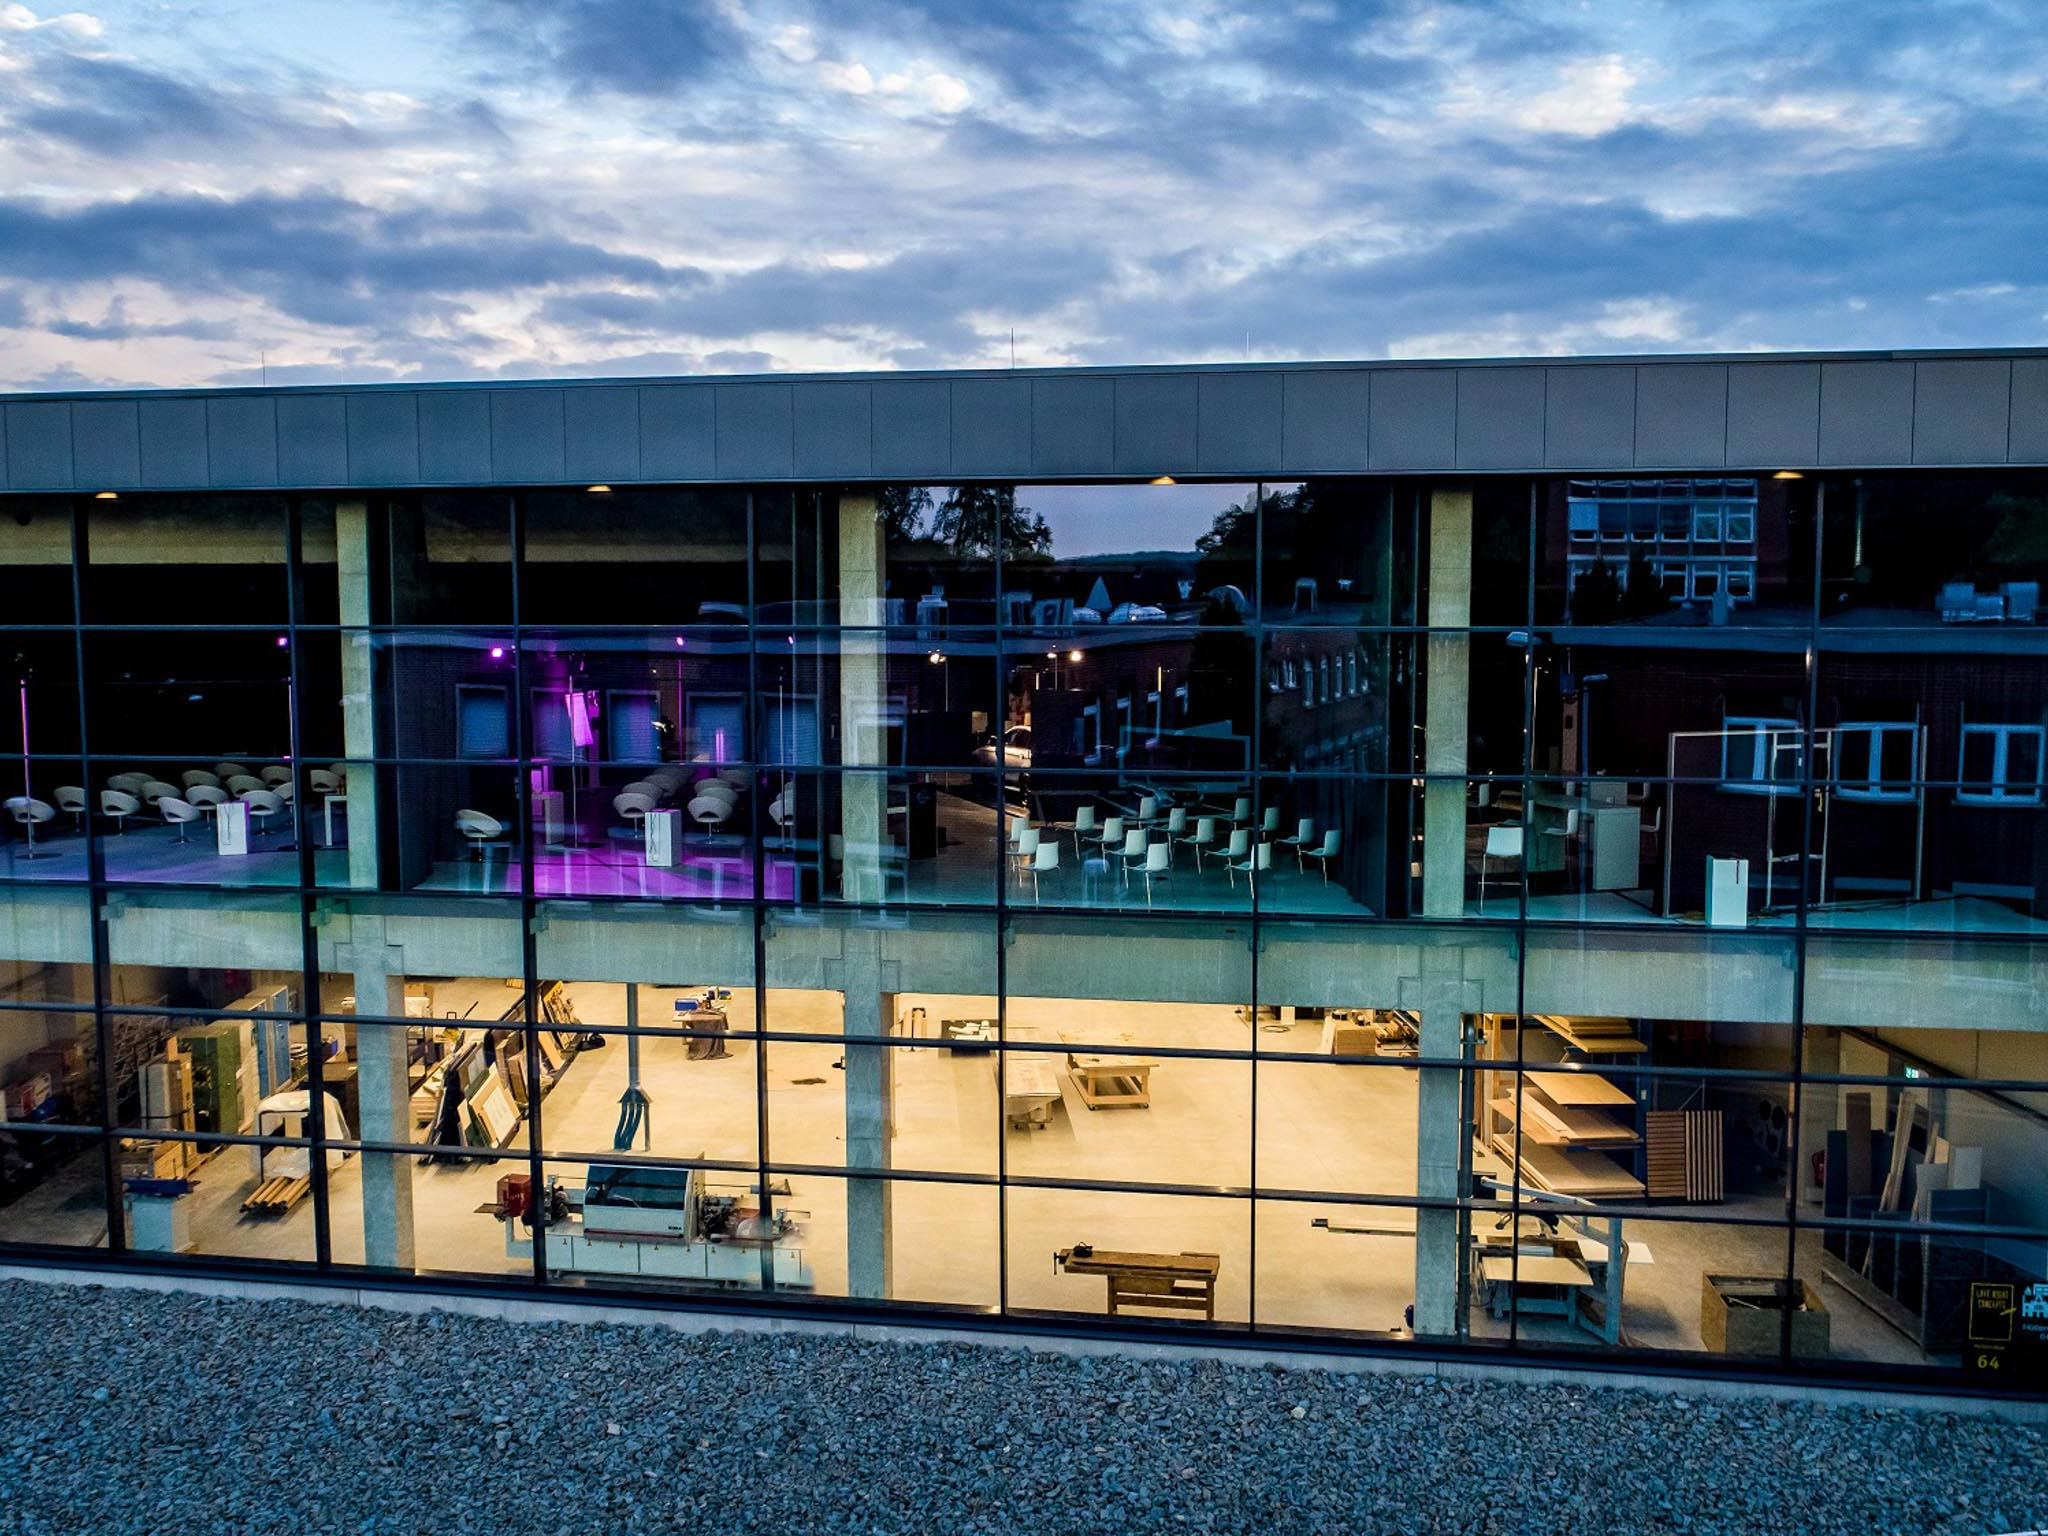 Gewerbebau: Bauprojekt Erlebnisreich Campus in Lünen